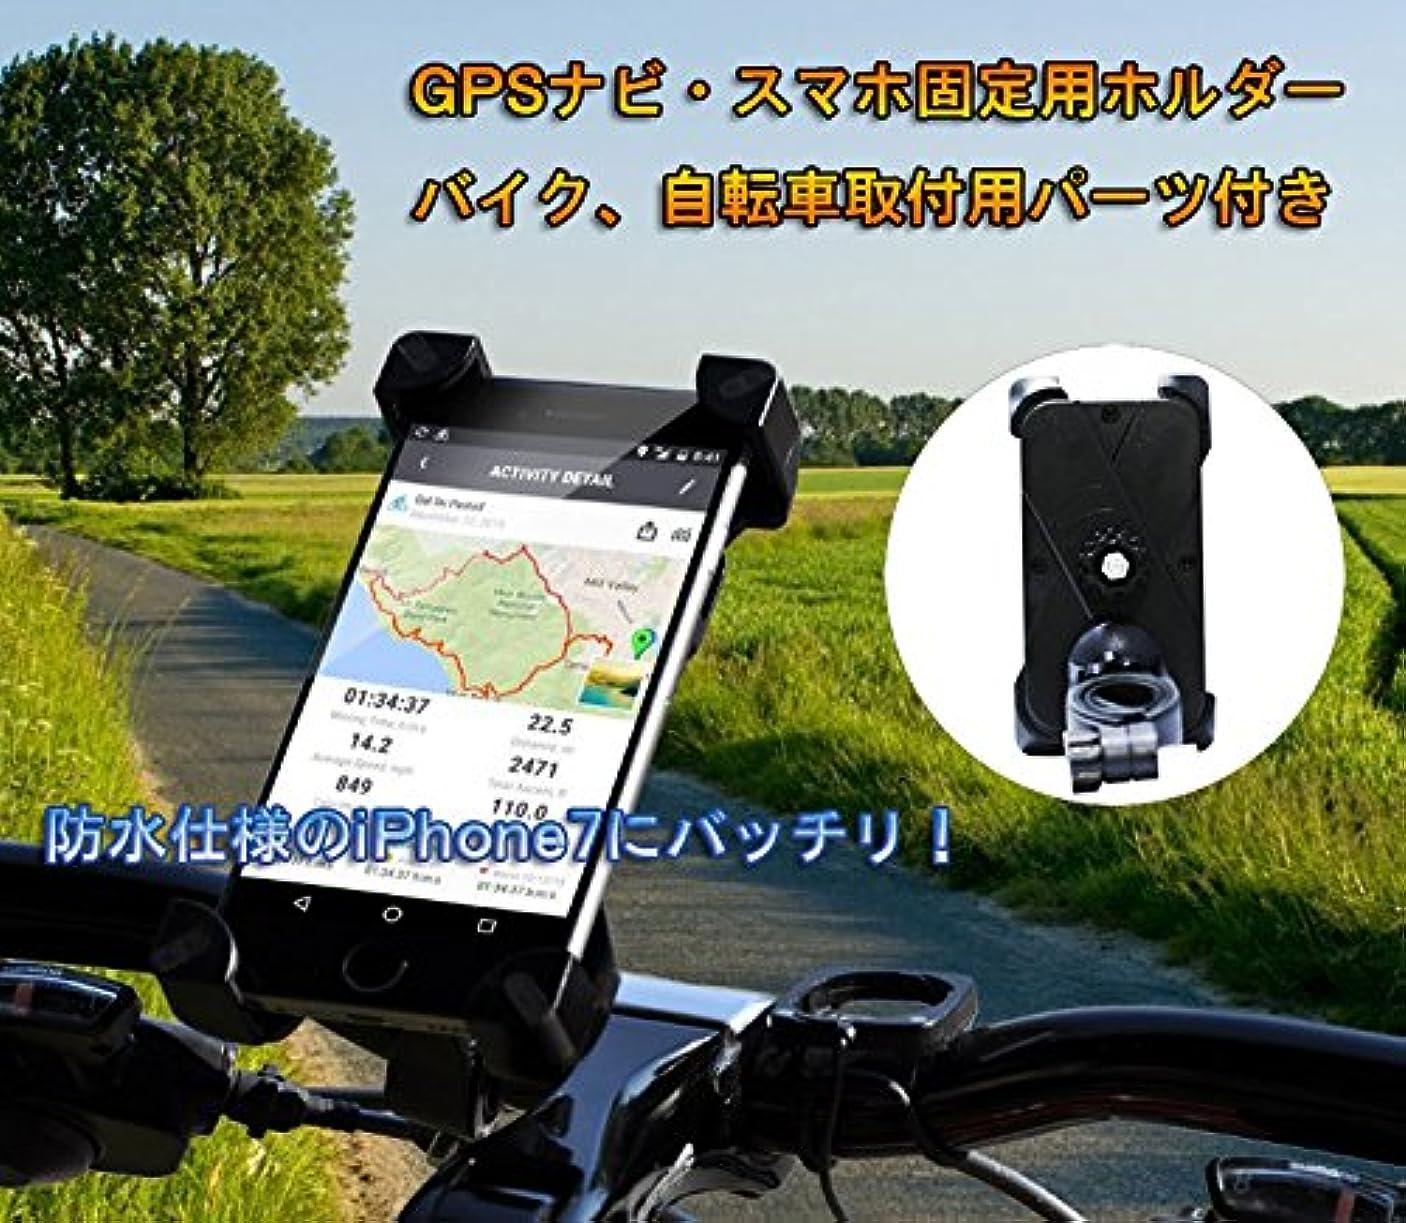 ビルマ知り合いになる機密iPhone7にピッタリ バイク、自転車用スマホ ホルダー 360度回転 iPhone Garaxy Xperia 多機種対応 厚さ調整パッド付属 脱落防止 TK-TTORE001